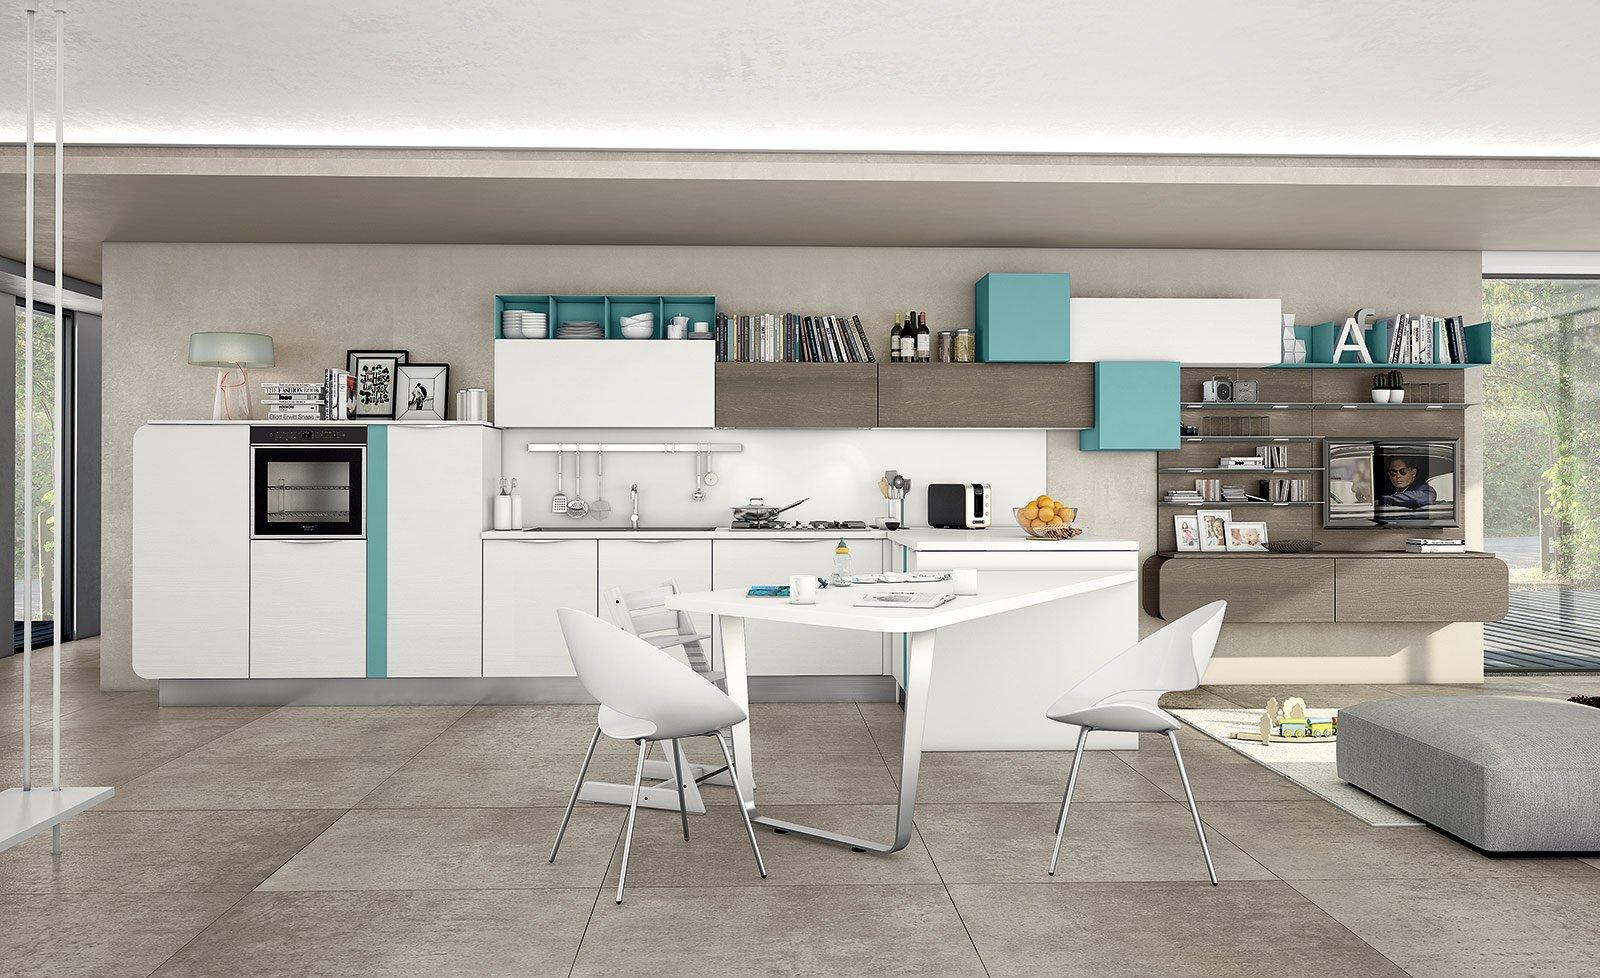 Salone del mobile 2014 mix di materiali per le nuove for Lube immagina